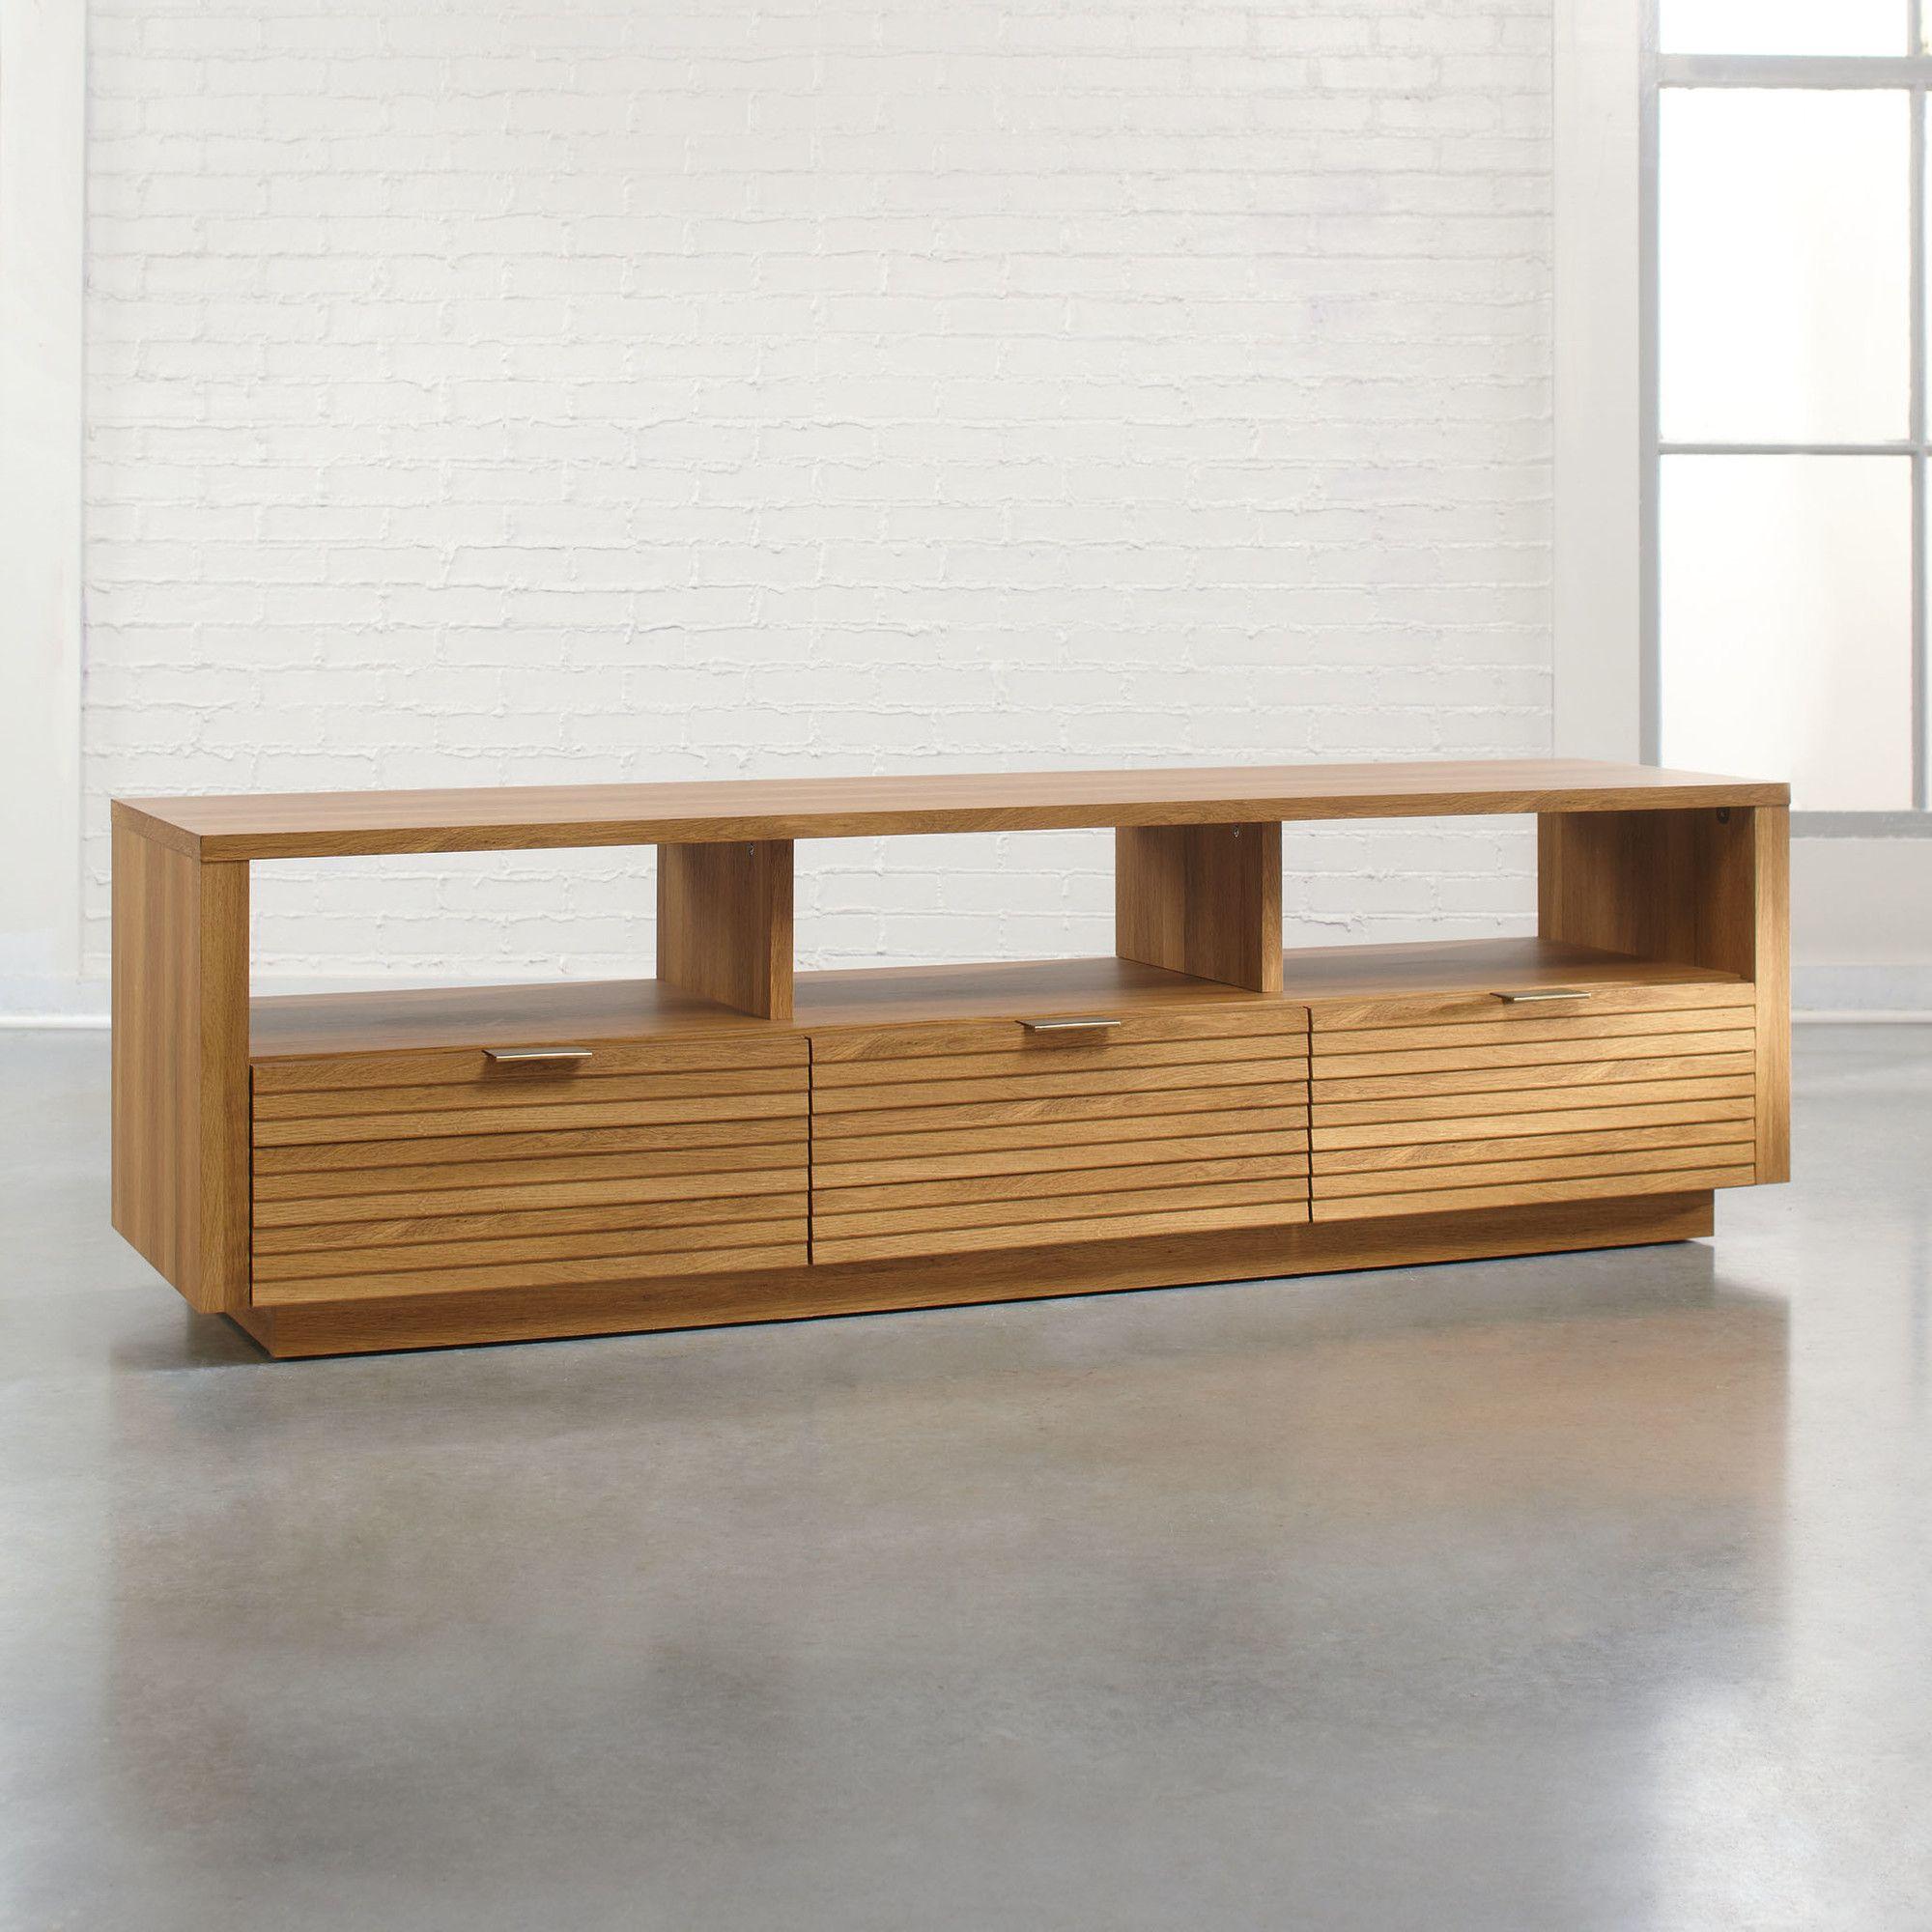 Hokku Designs Soft Modern TV Stand & Reviews Wayfair